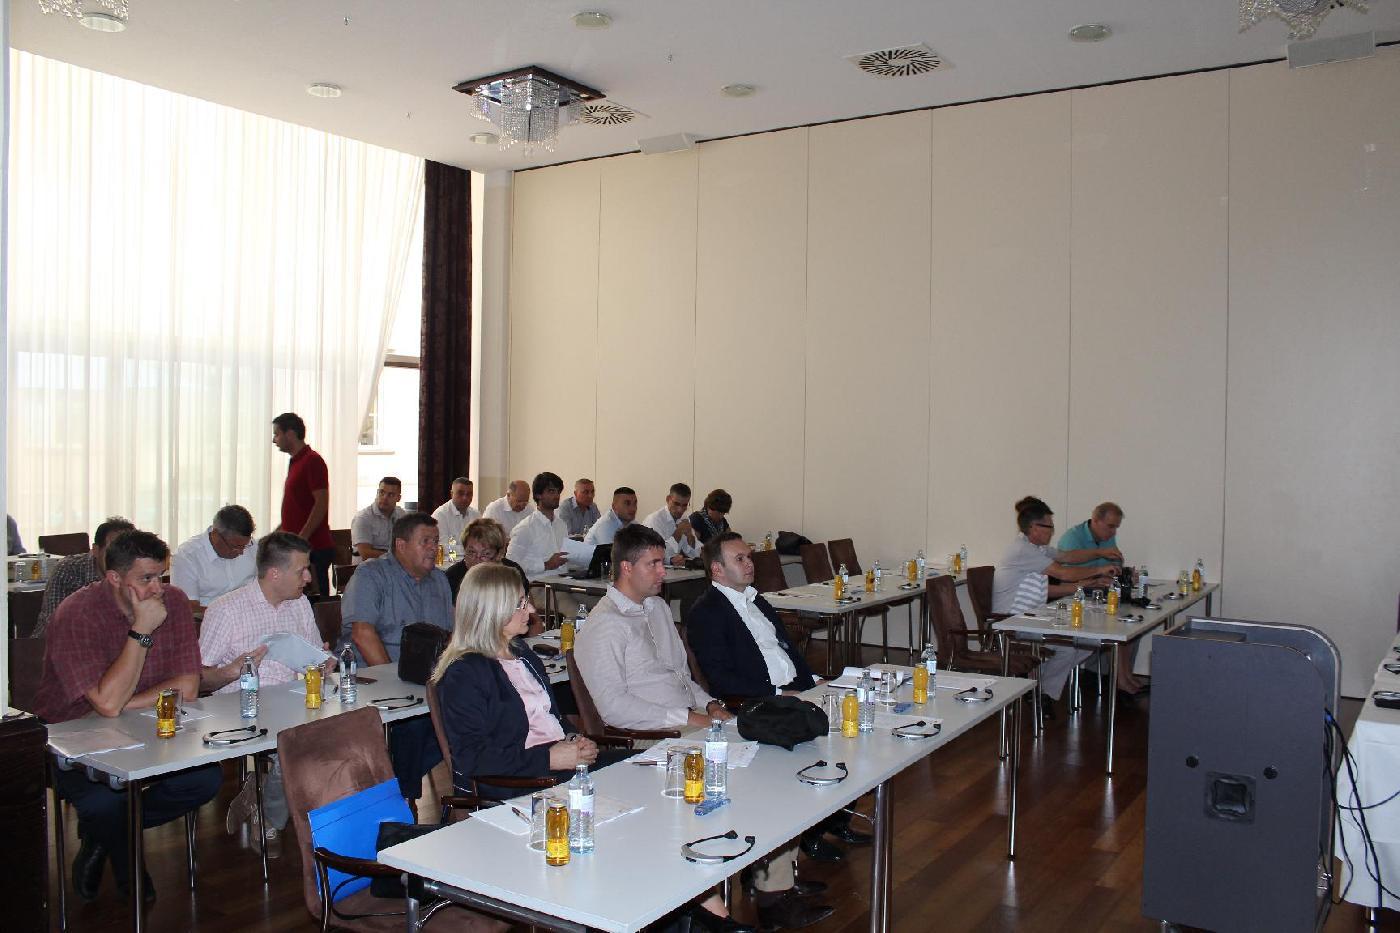 Projekat ''Smanjenje neprihodovane vode u Jugoistočnoj Europi'' - obuka za donosioce odluka